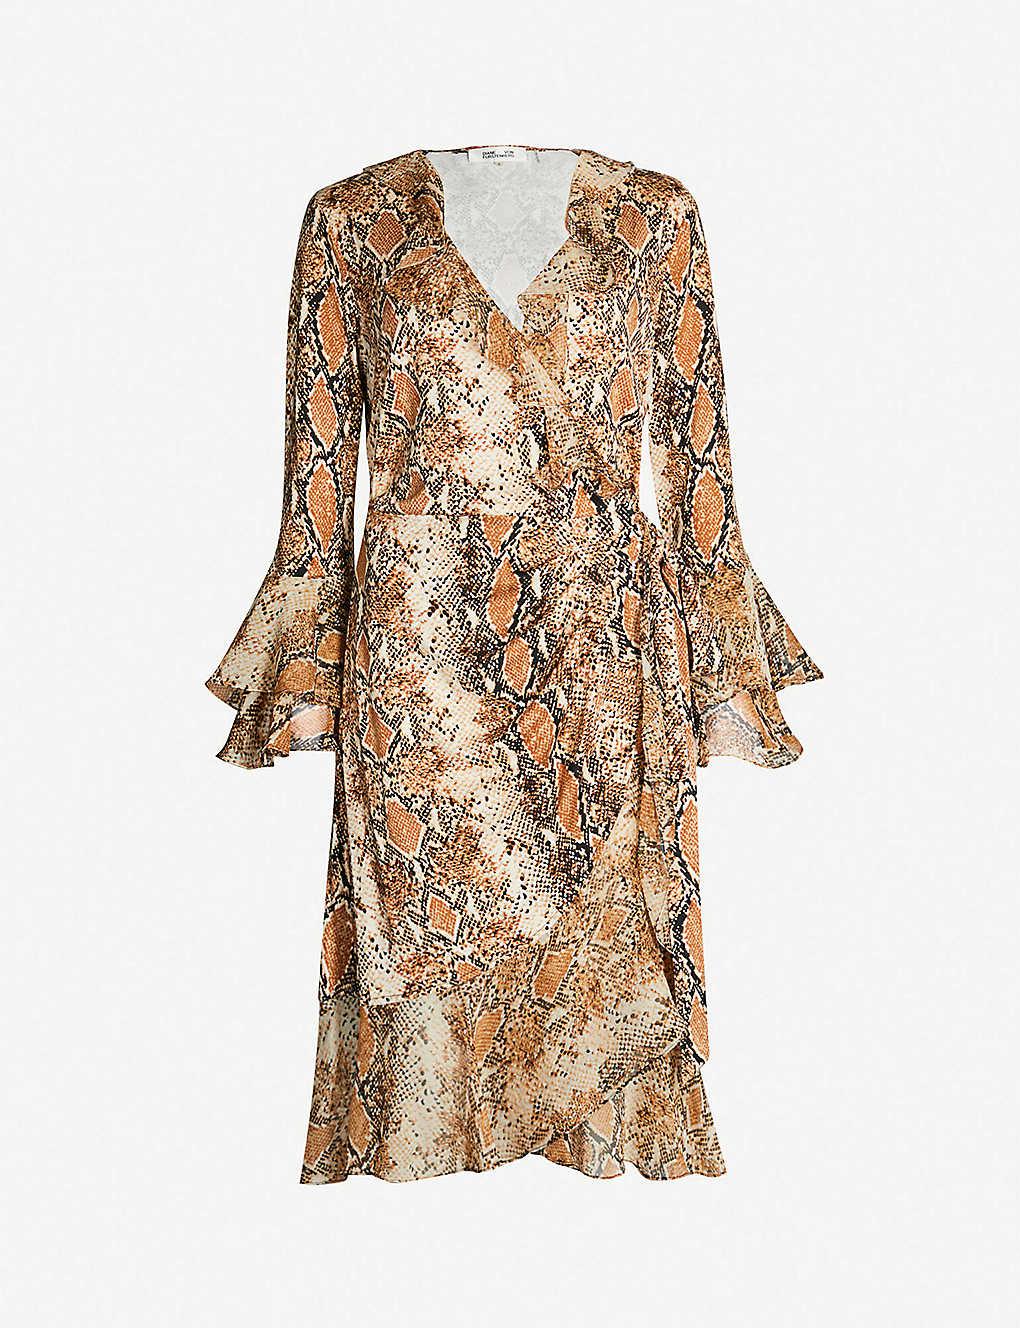 3ddf72616a0 DIANE VON FURSTENBERG - Carli python-print frilled silk-jersey wrap ...